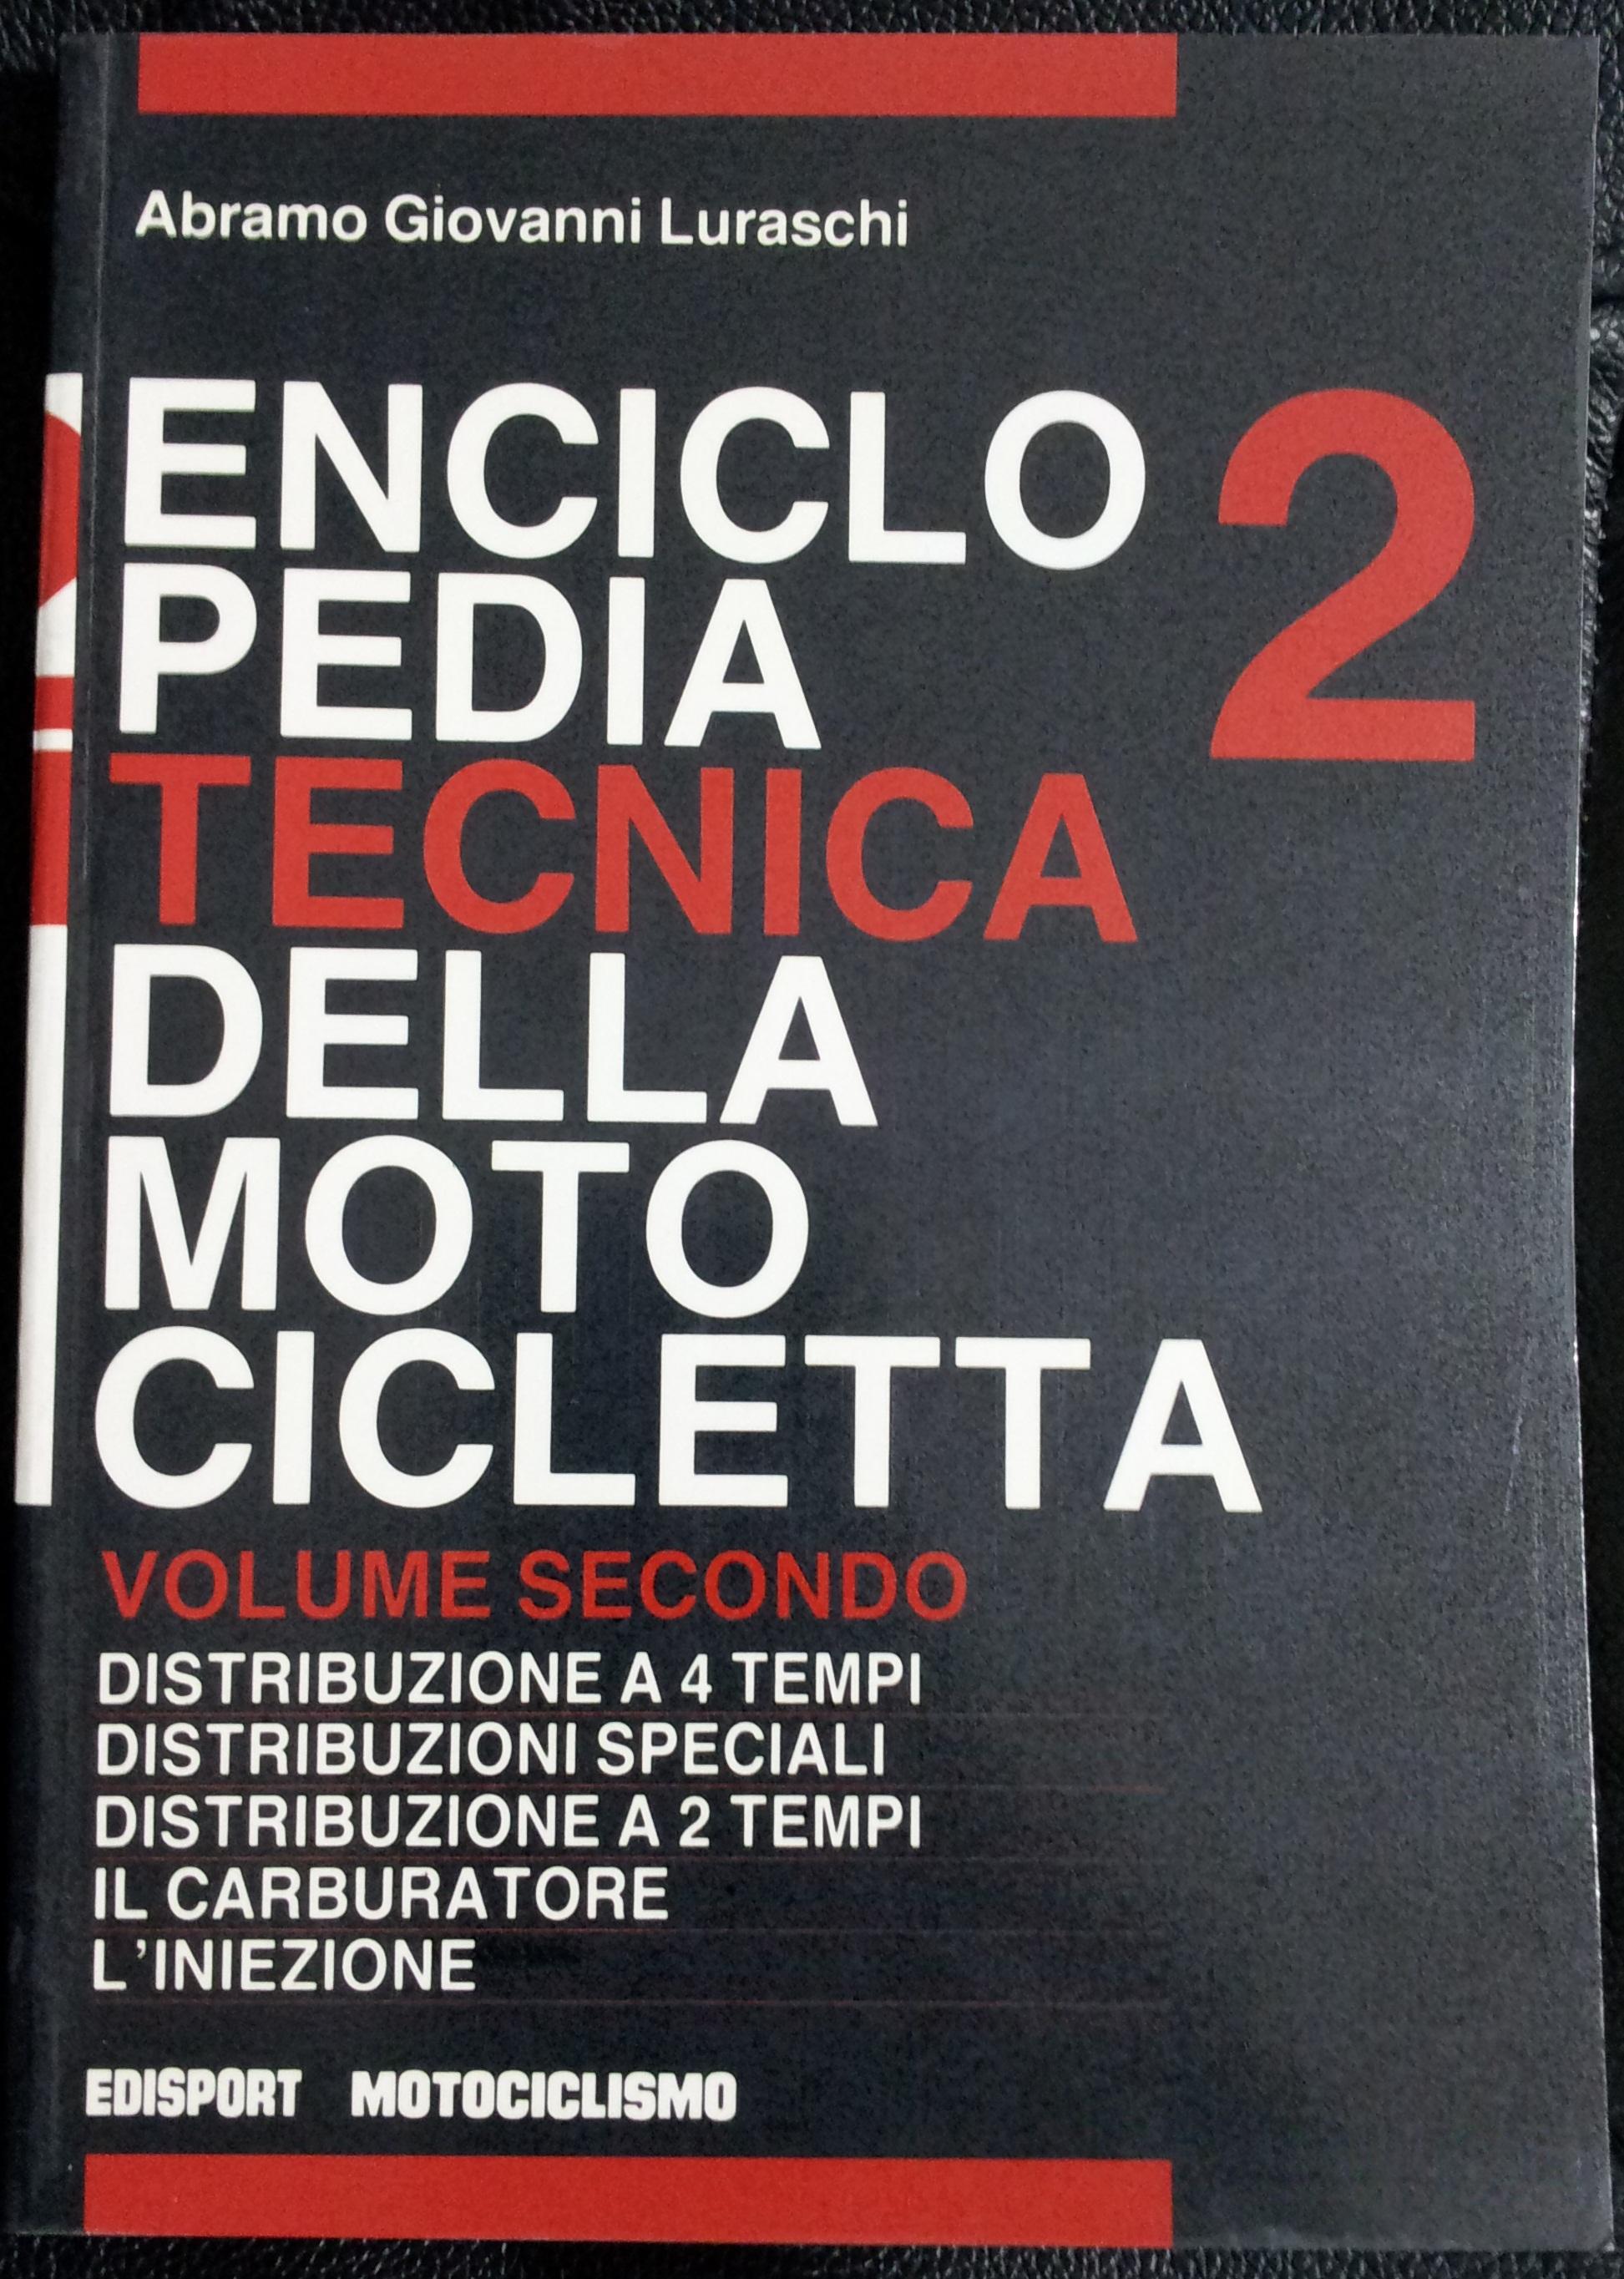 Enciclopedia tecnica della motocicletta - vol.2